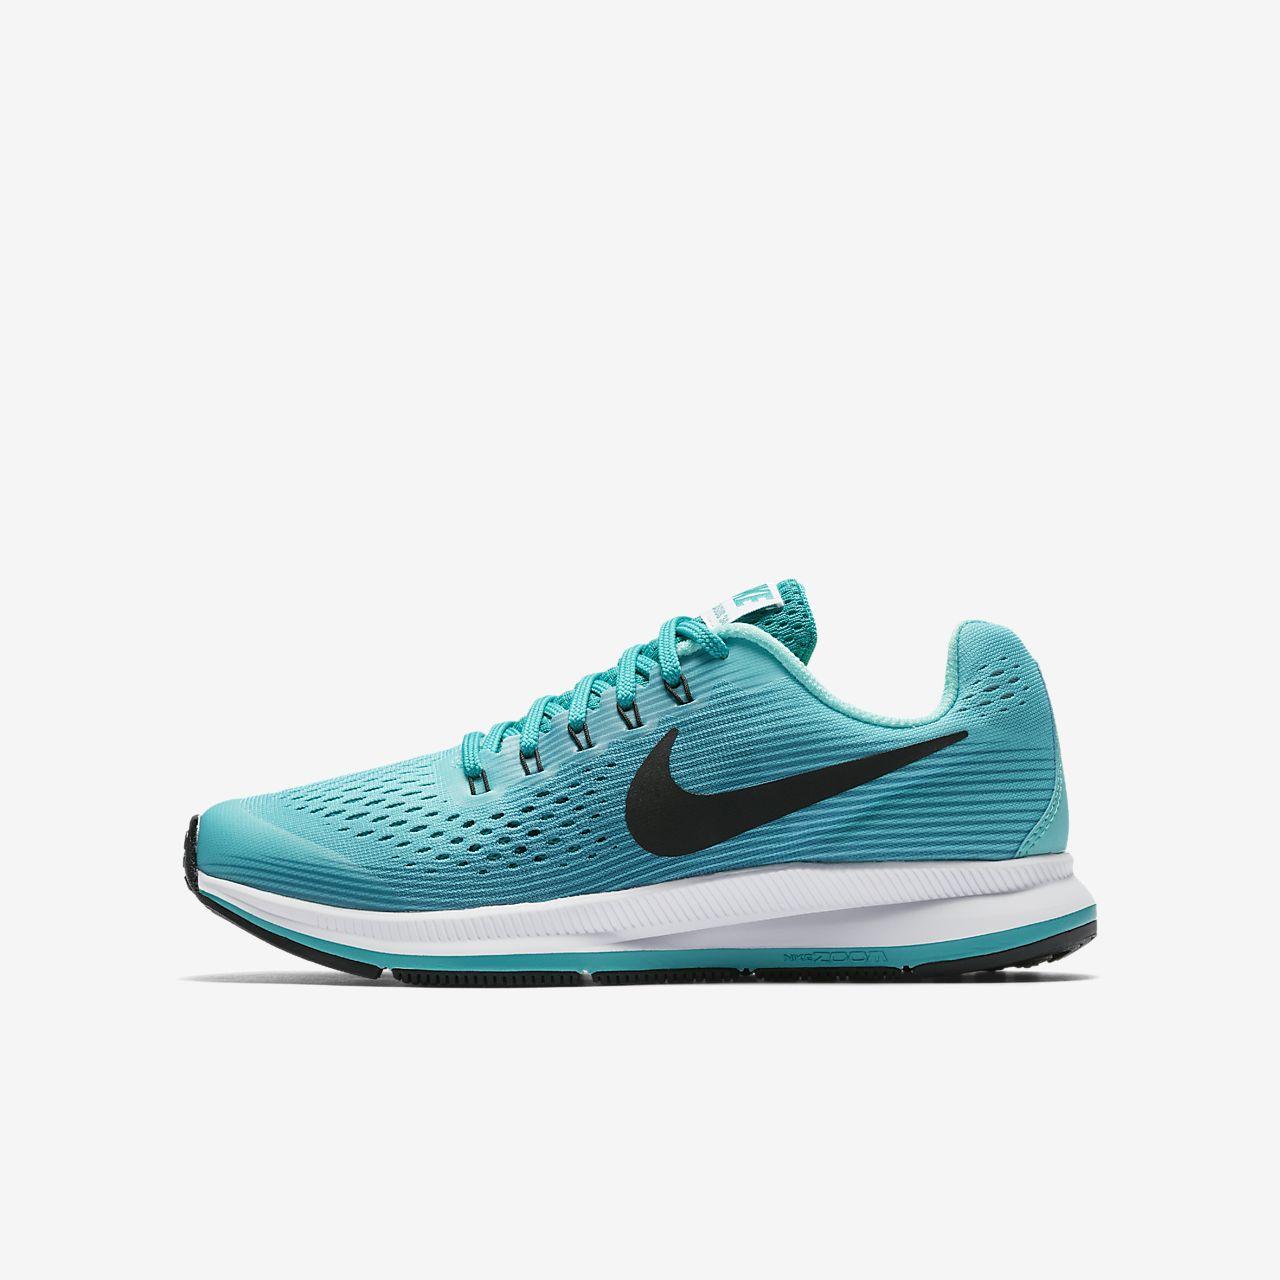 sports shoes 1a12a 98700 marron Nike Zoom Pegasus 34 Enfant Chaussures à bout rond noires femme 34  bglLe2